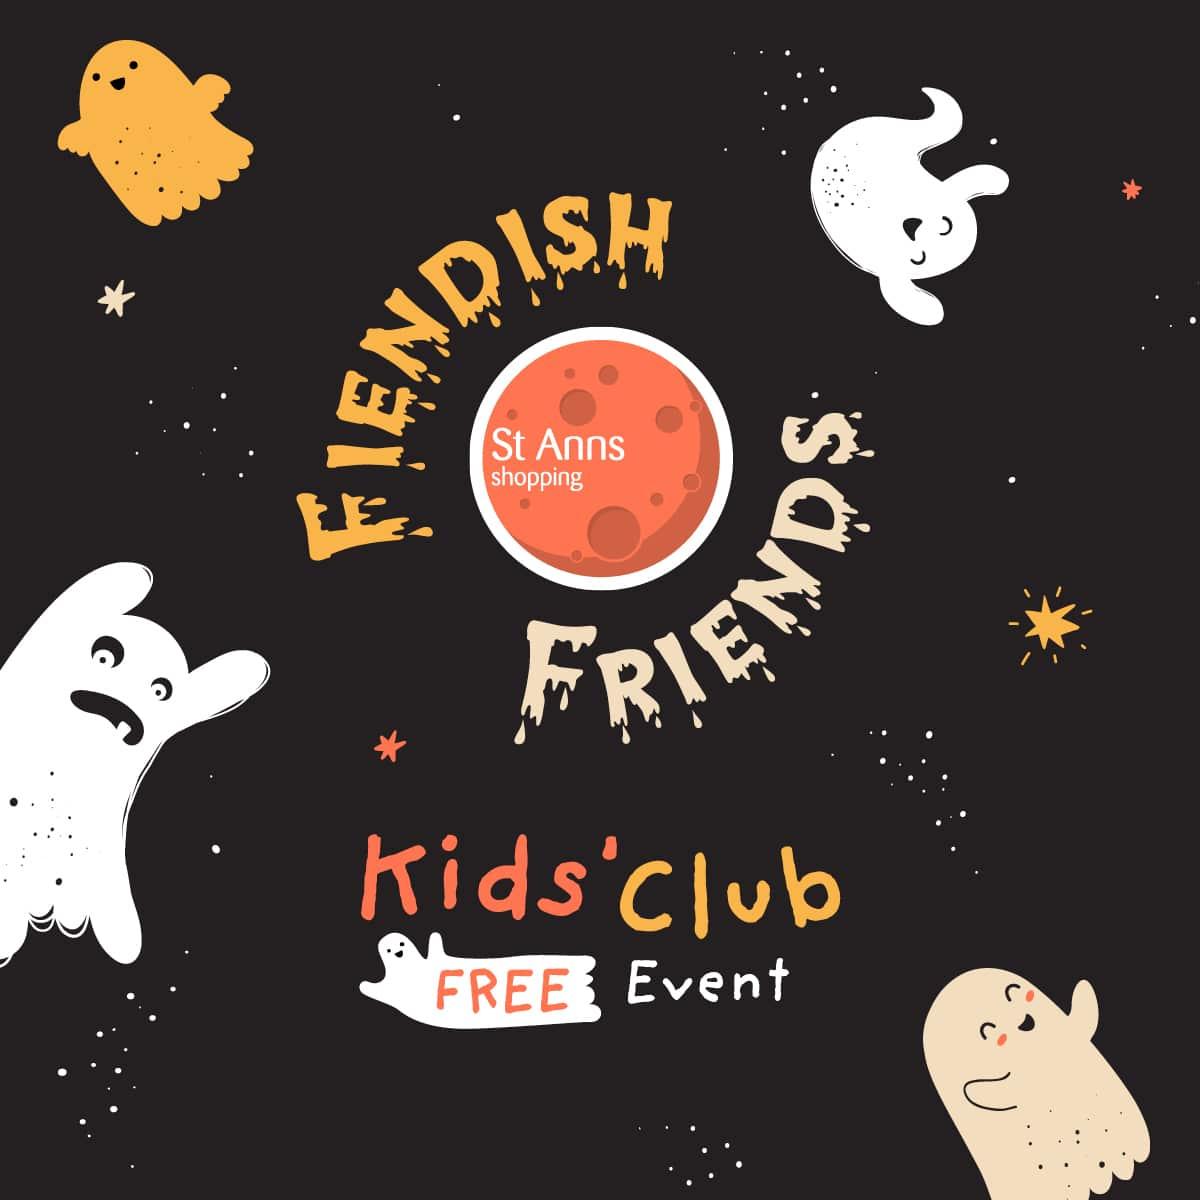 St Anns Kids' Club